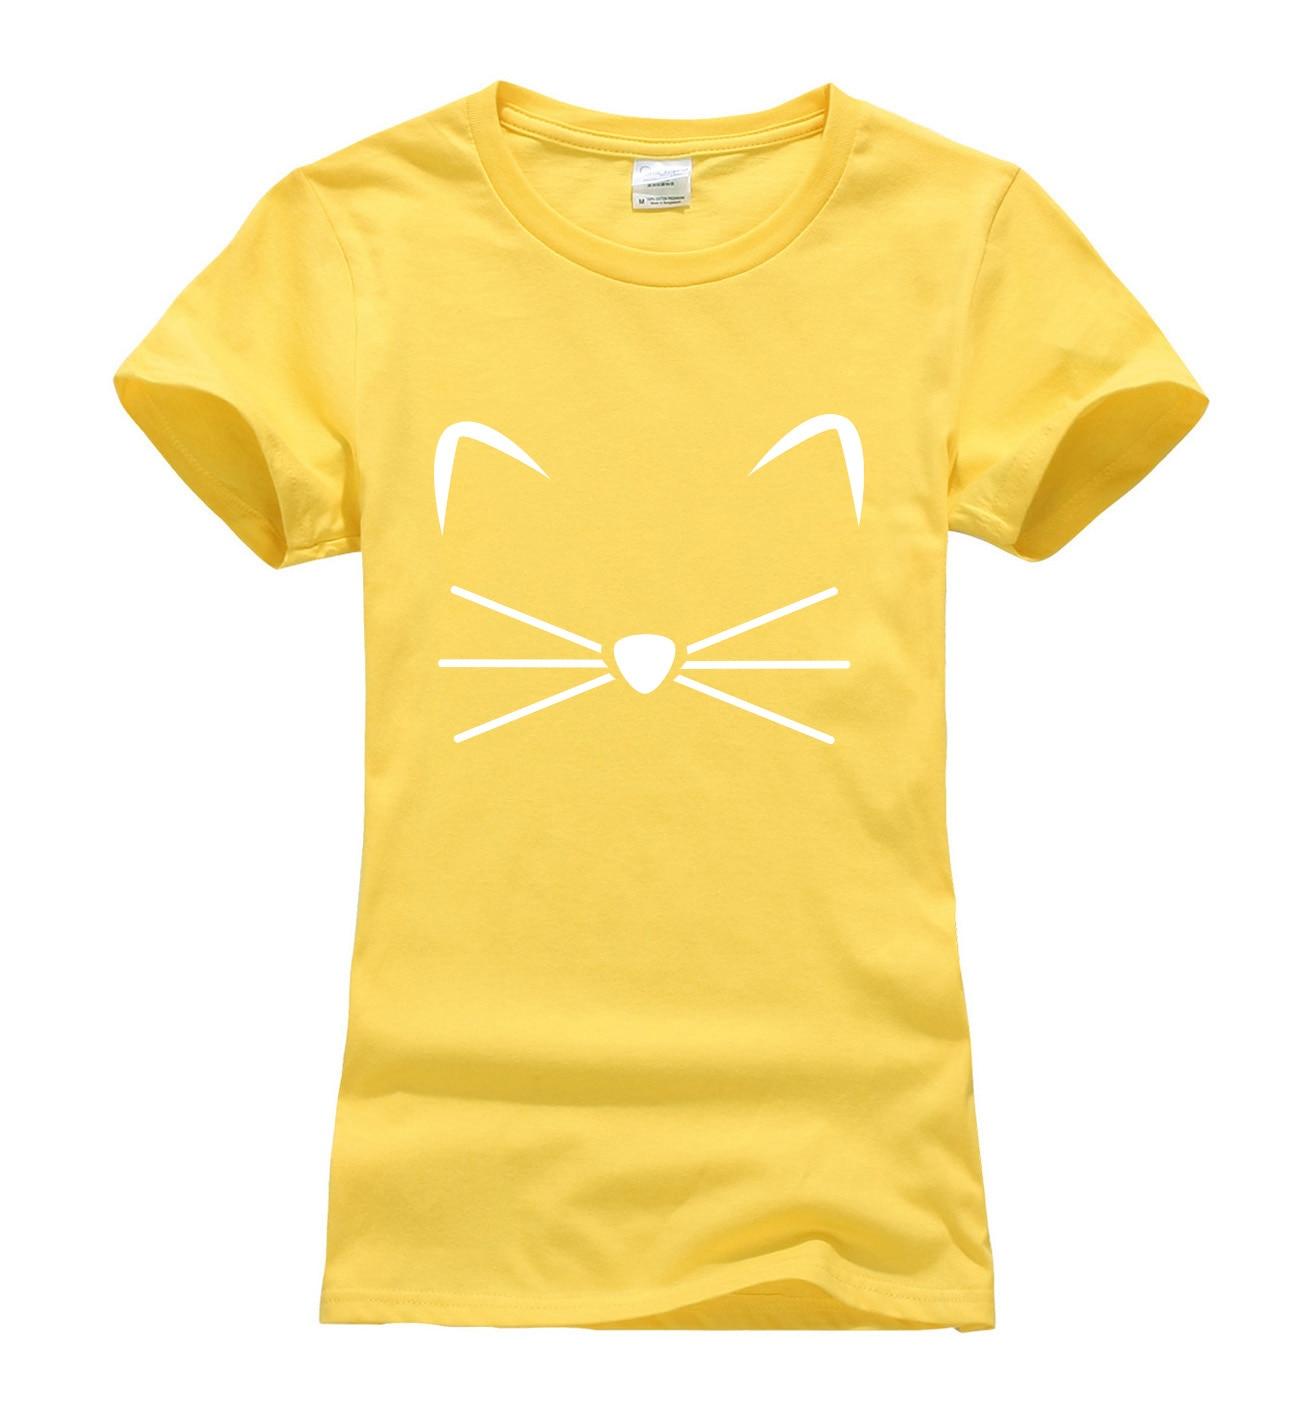 Лето 2017 г. Kitty котенок мяу принтом Kawaii футболка Воме рубашка забавный придерживаться цифры Милая футболка женская мода бренд Harajuku топы